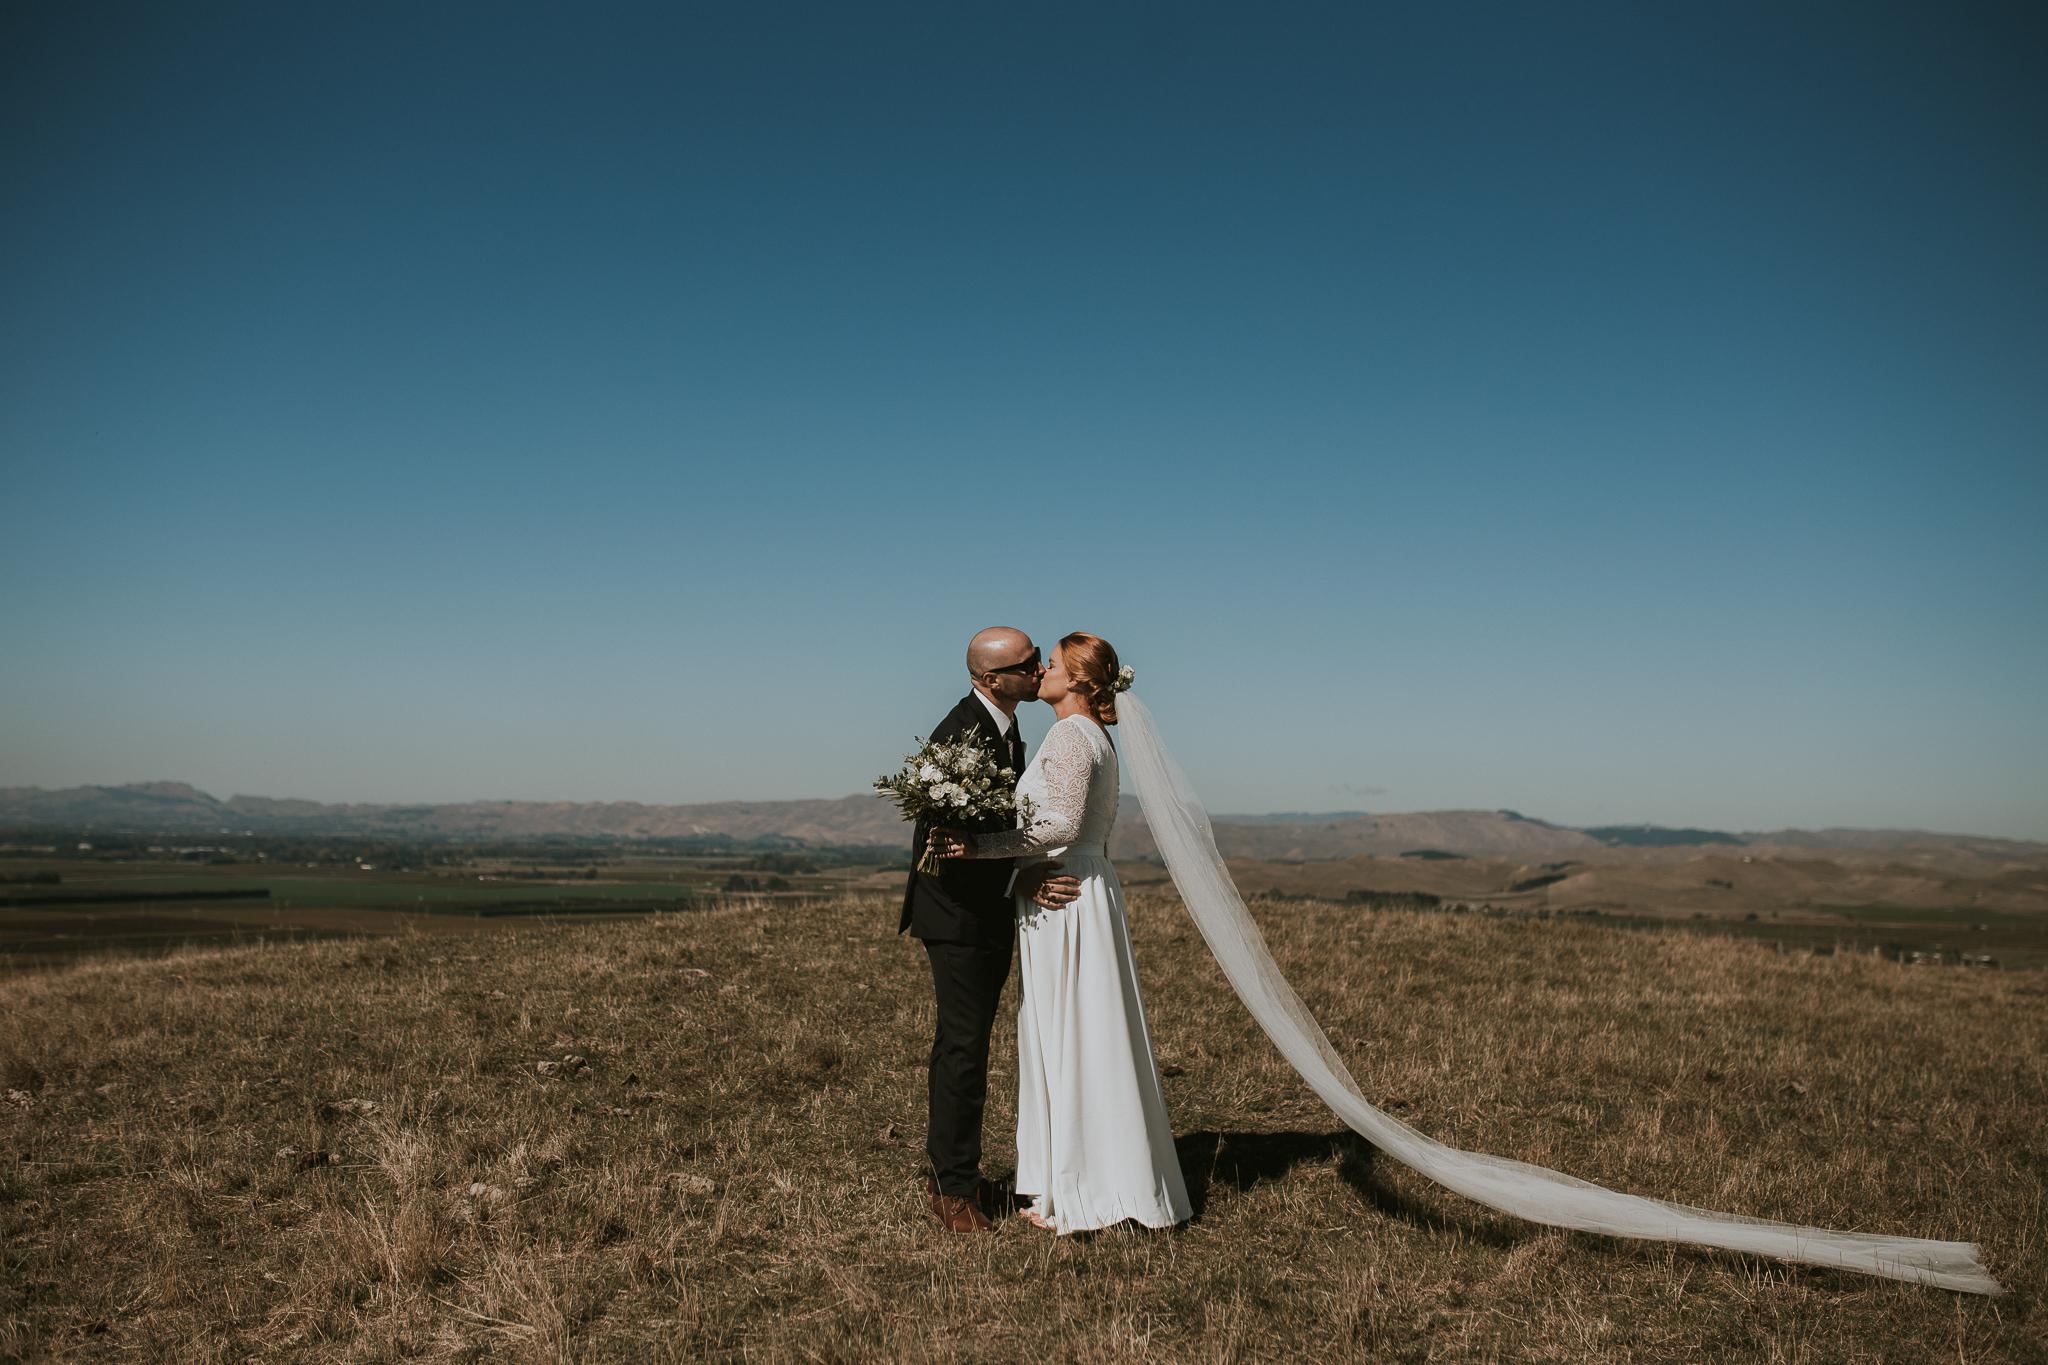 wedding photographer hawkes bay , Lisa Fisher Photography, Selini Winery Wedding -37.jpg